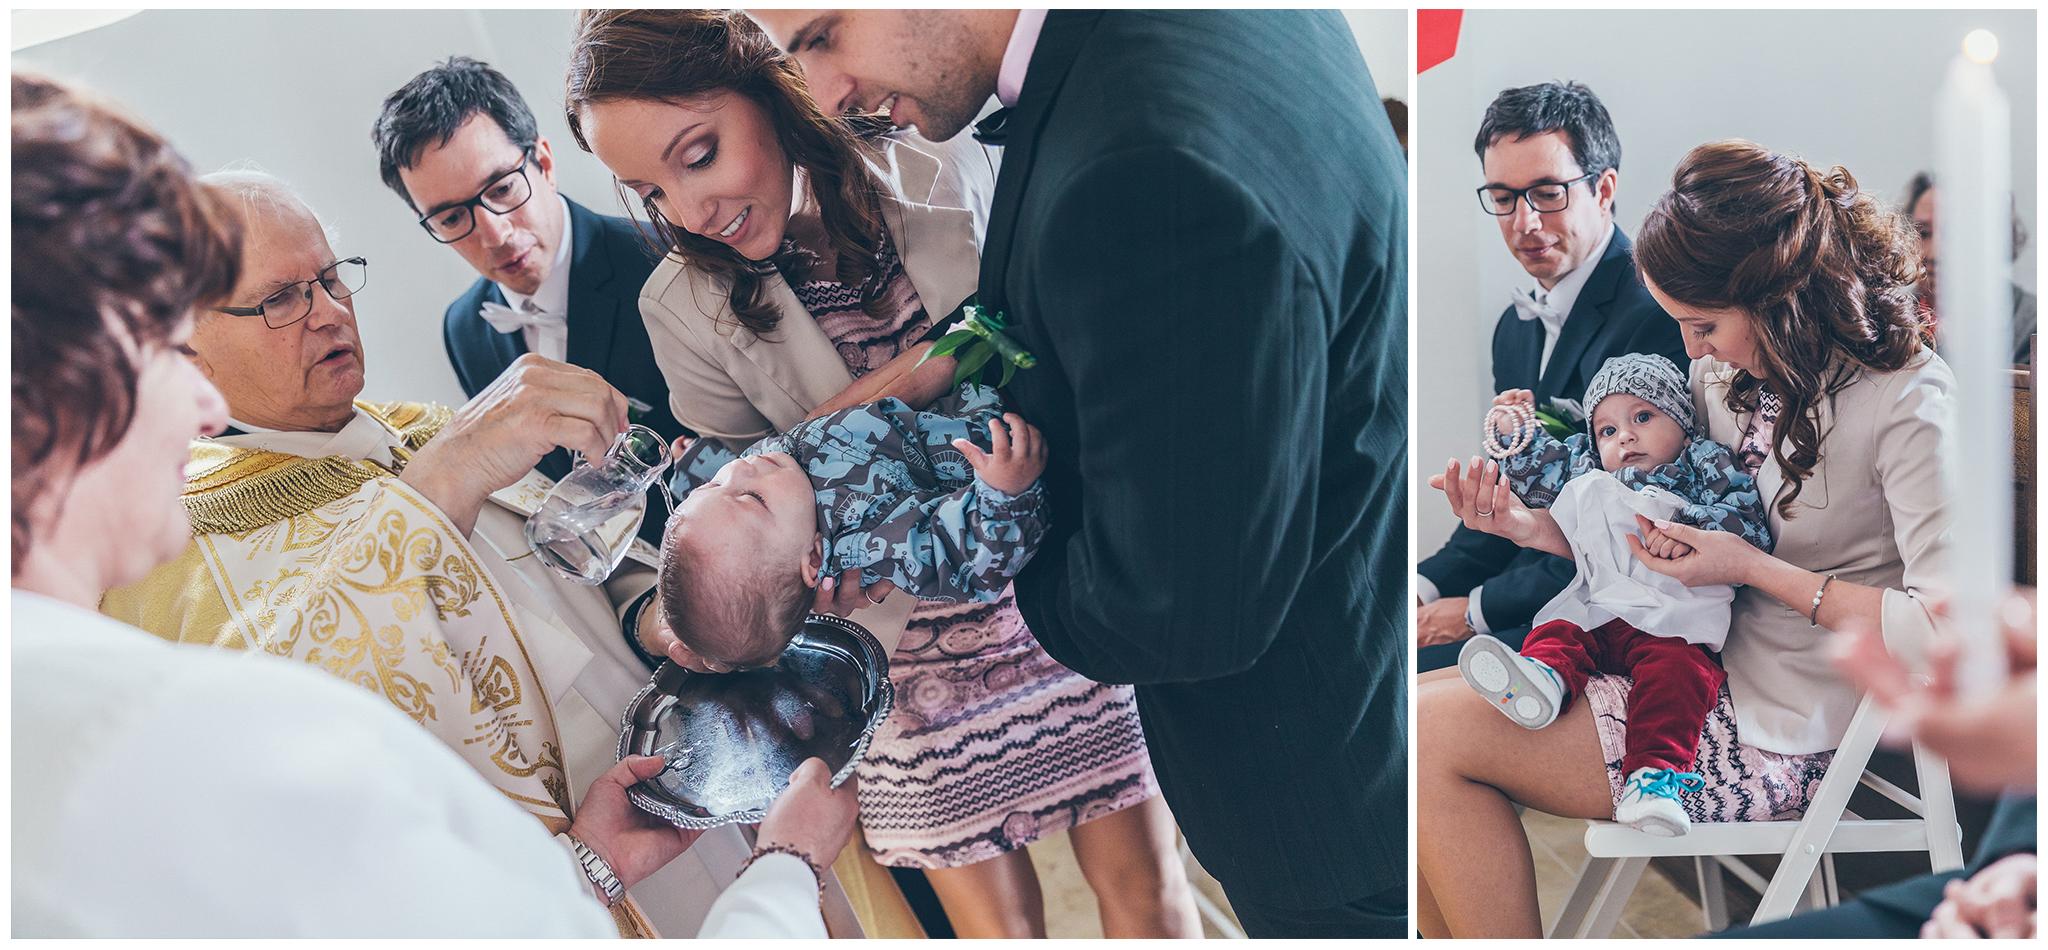 FylepPhoto, esküvőfotós, esküvői fotós Körmend, Szombathely, esküvőfotózás, magyarország, vas megye, prémium, jegyesfotózás, Fülöp Péter, körmend, kreatív, fotográfus_24.jpg